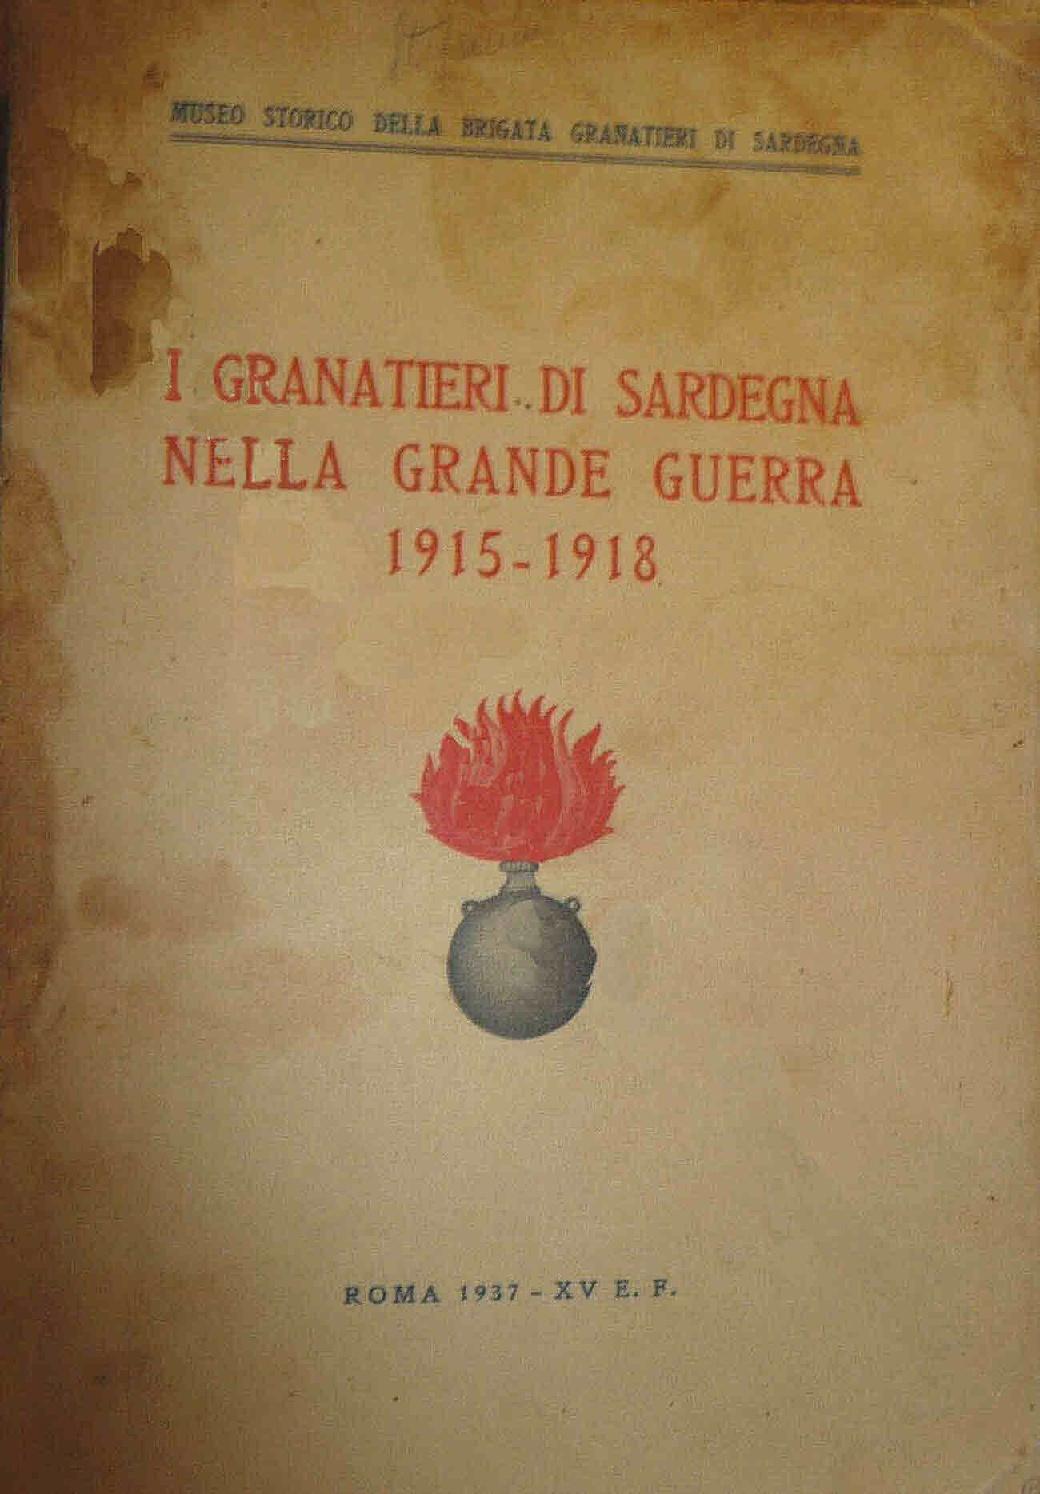 I Granatieri di Sardegna nella Grande Guerra 1915-1918